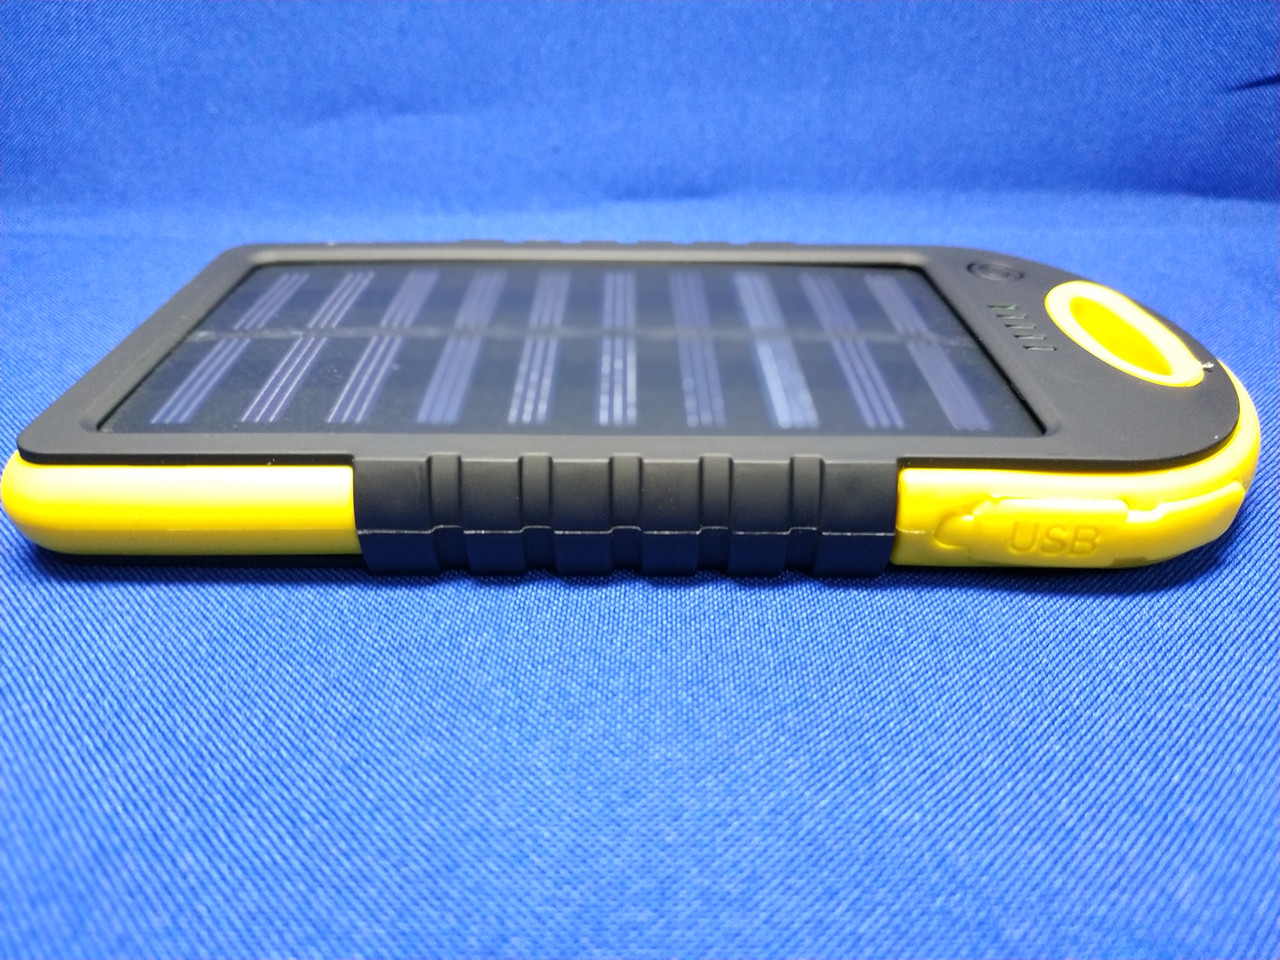 1d4e8af7fa932 Power Bank Solar 30000mA на солнечных батареях с фонариком (желтый) -  Elektroniki-net